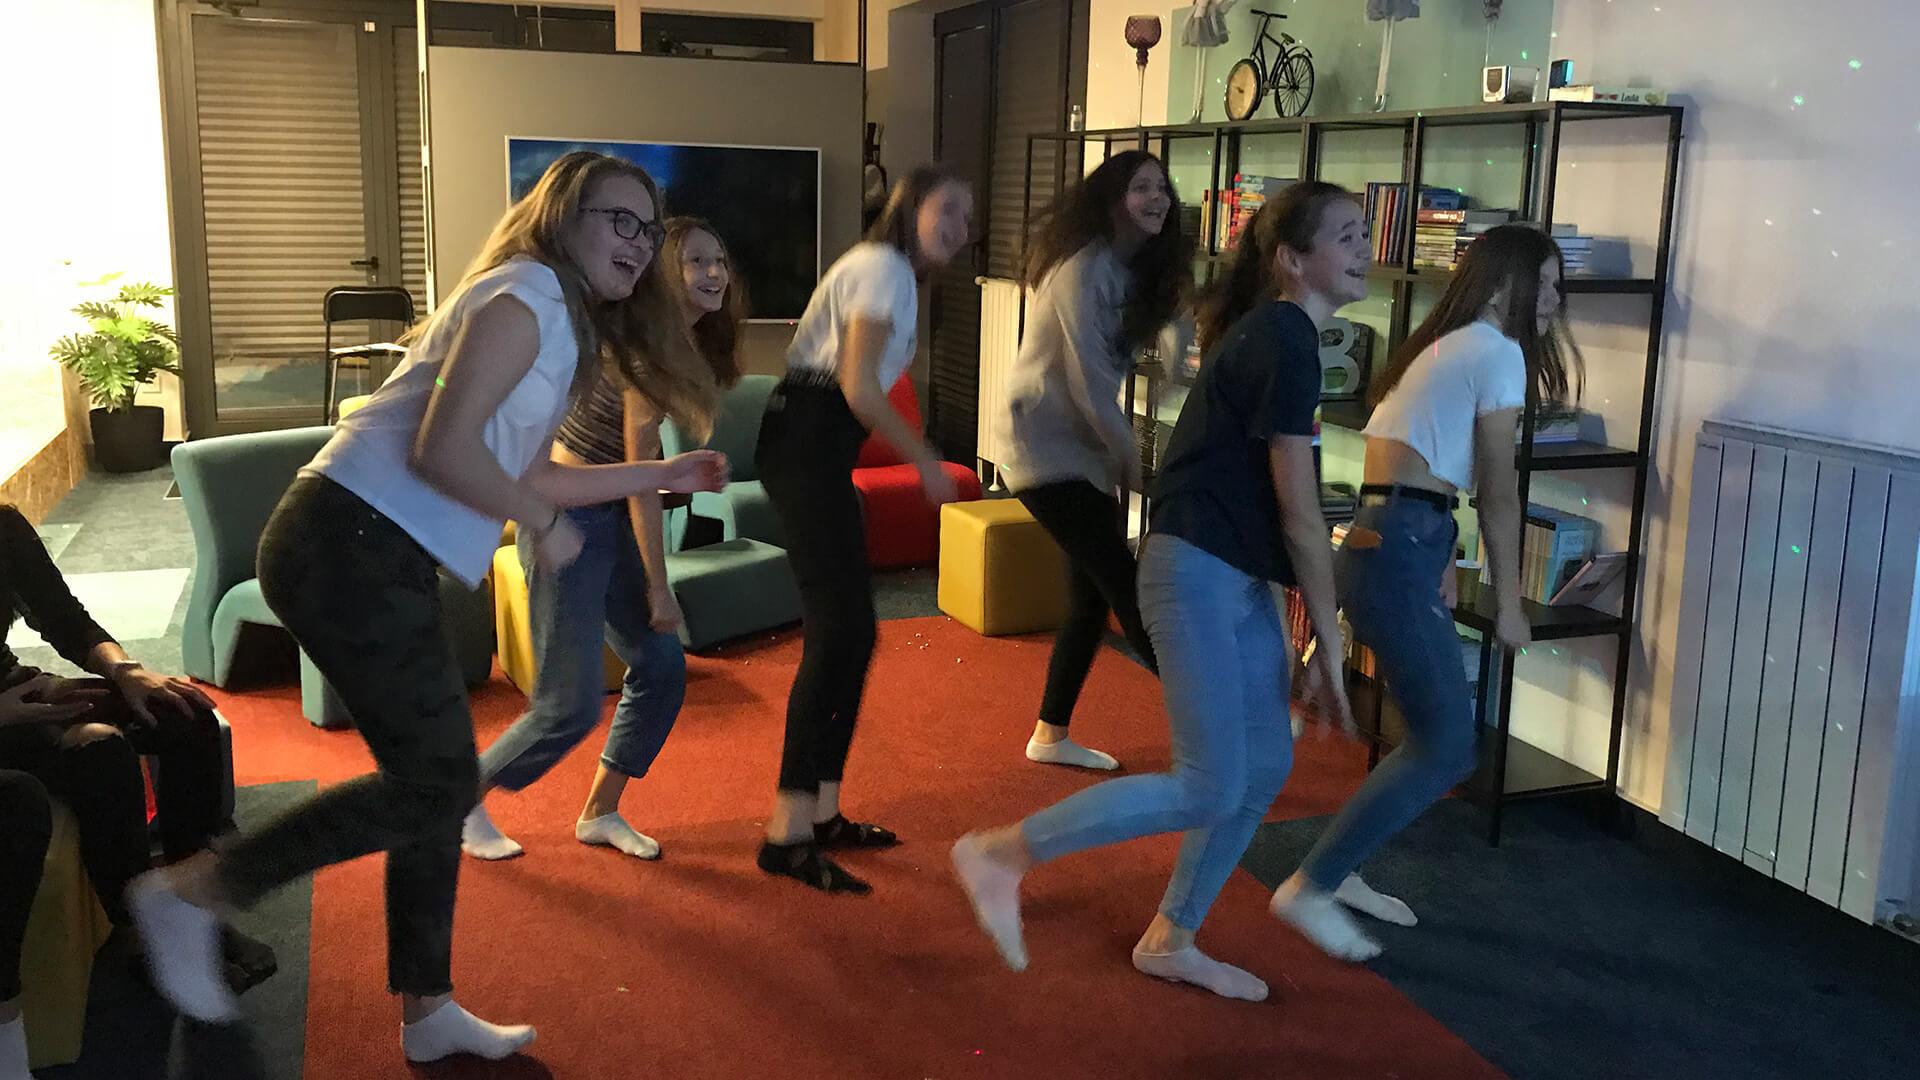 Obrnuta učionica - Rođendani - Girls Dance